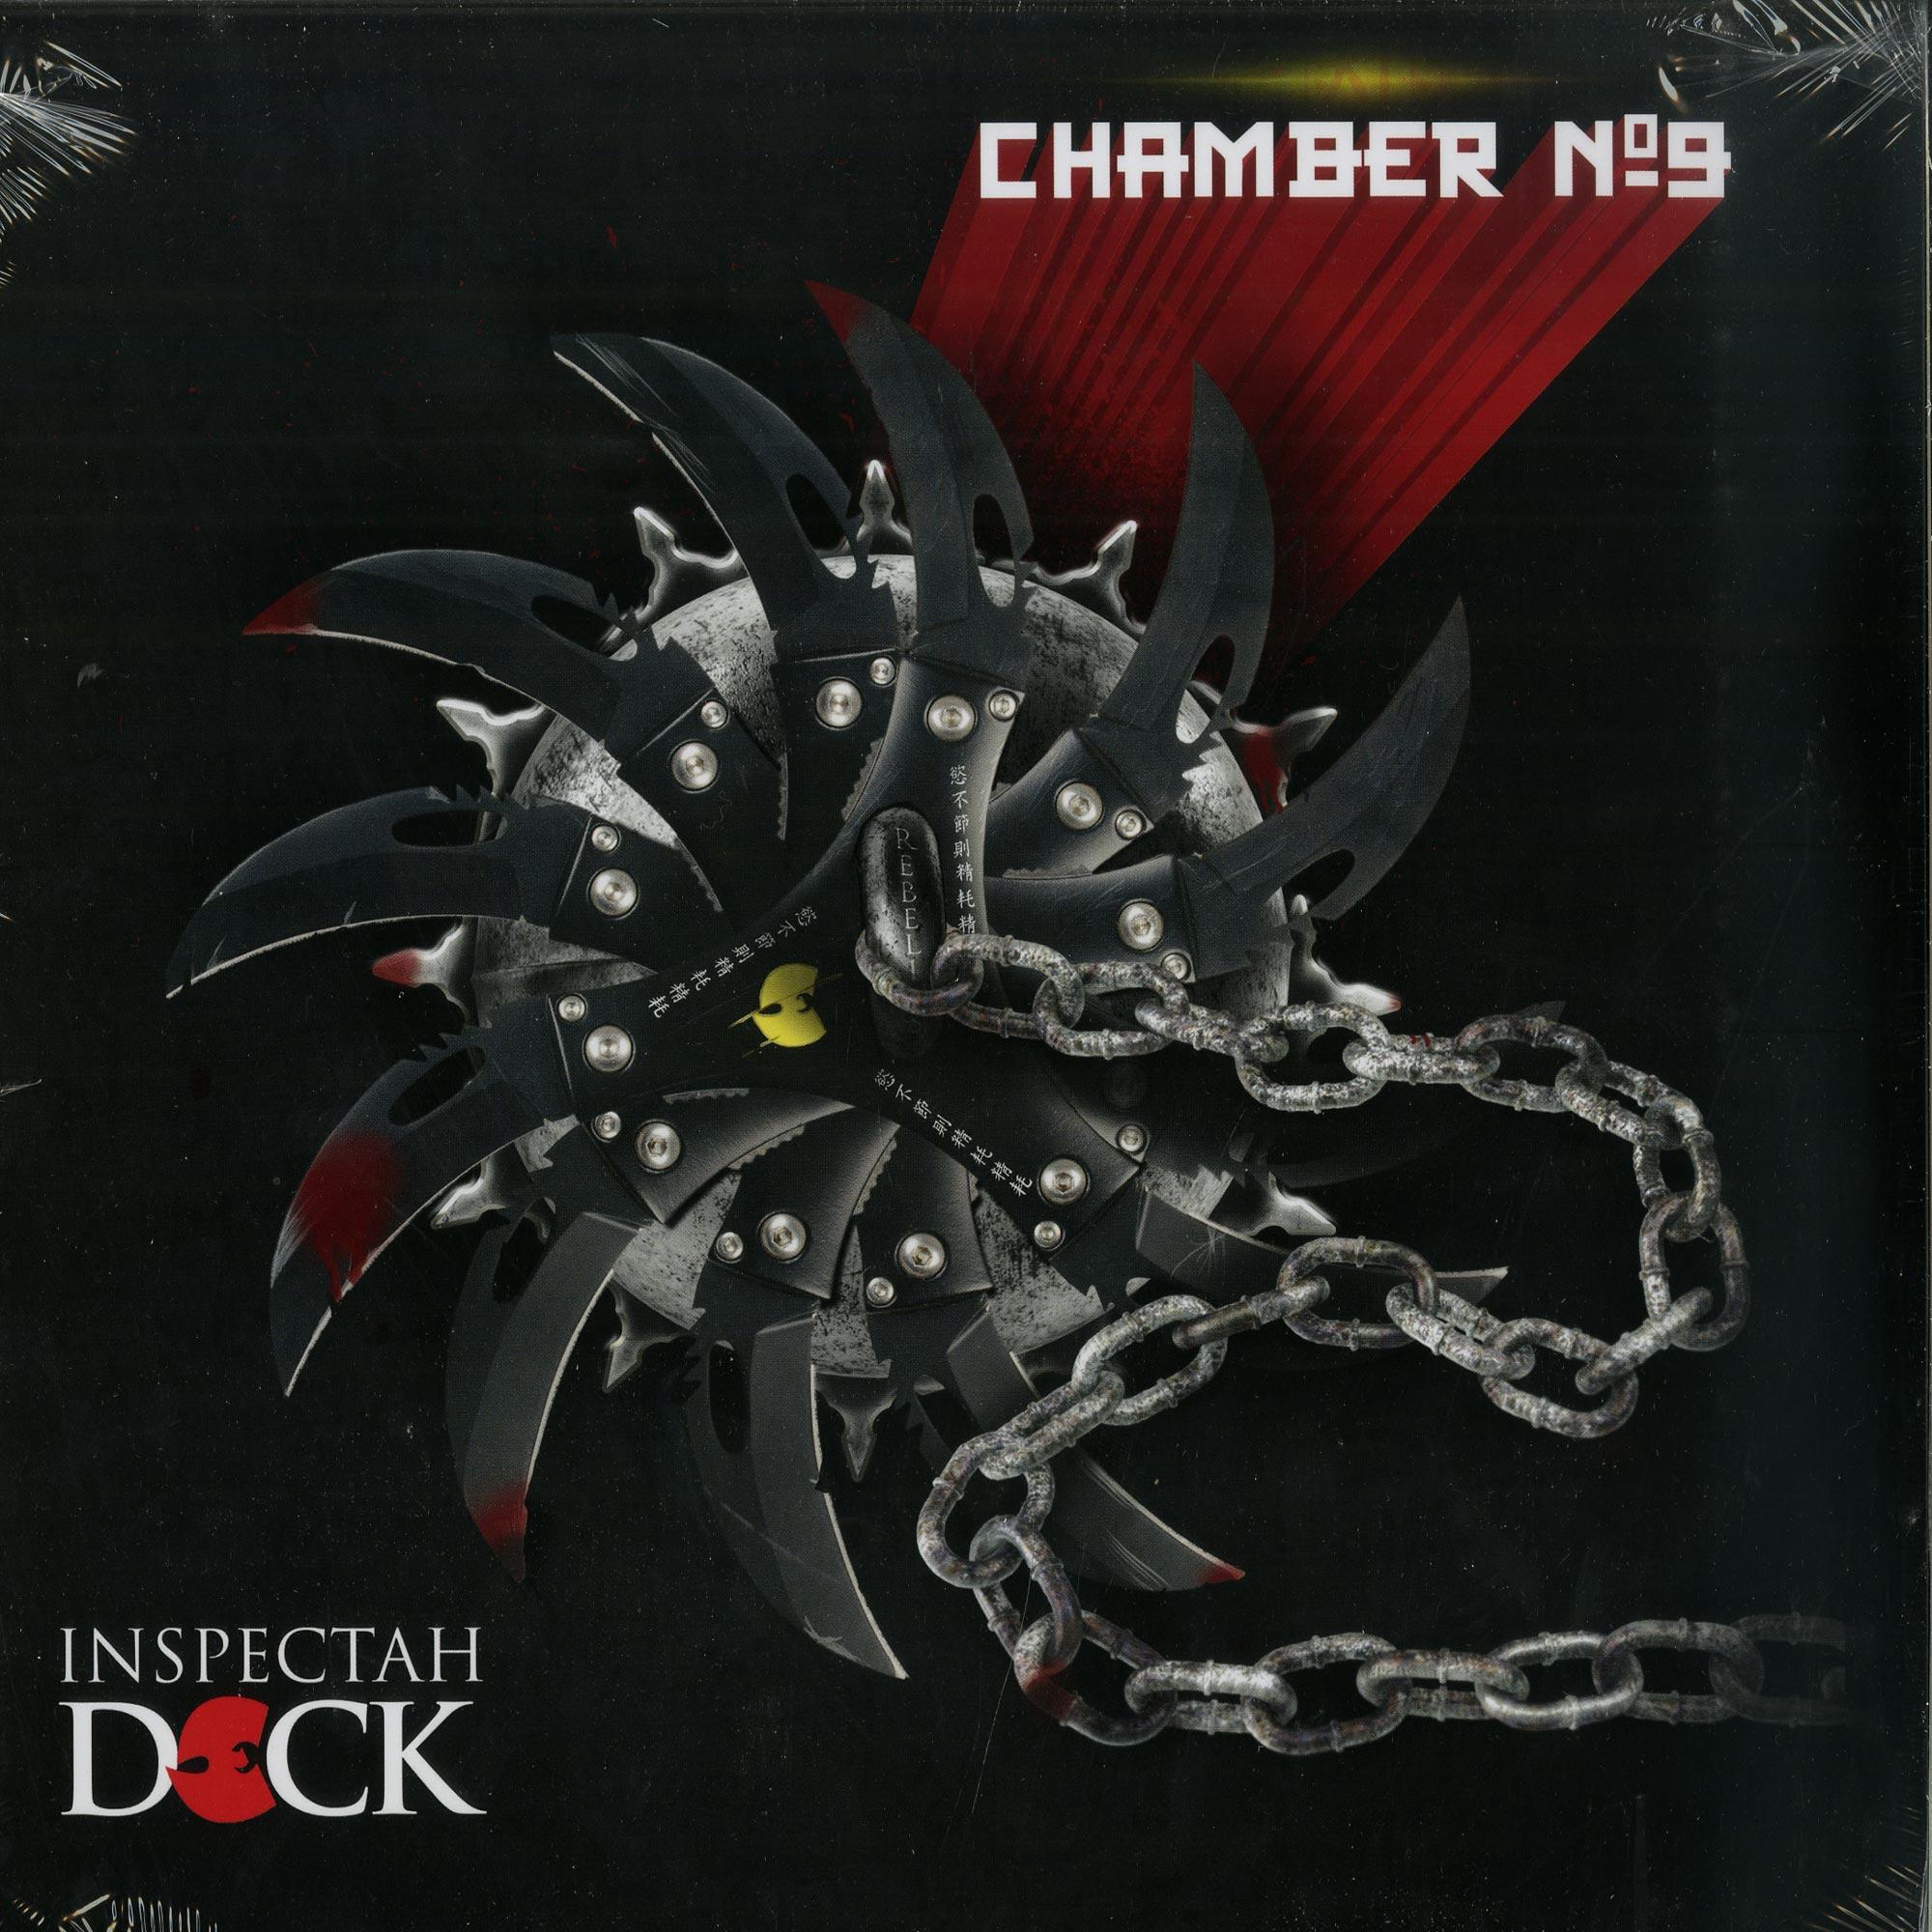 Inspectah Deck - CHAMBER NO.9